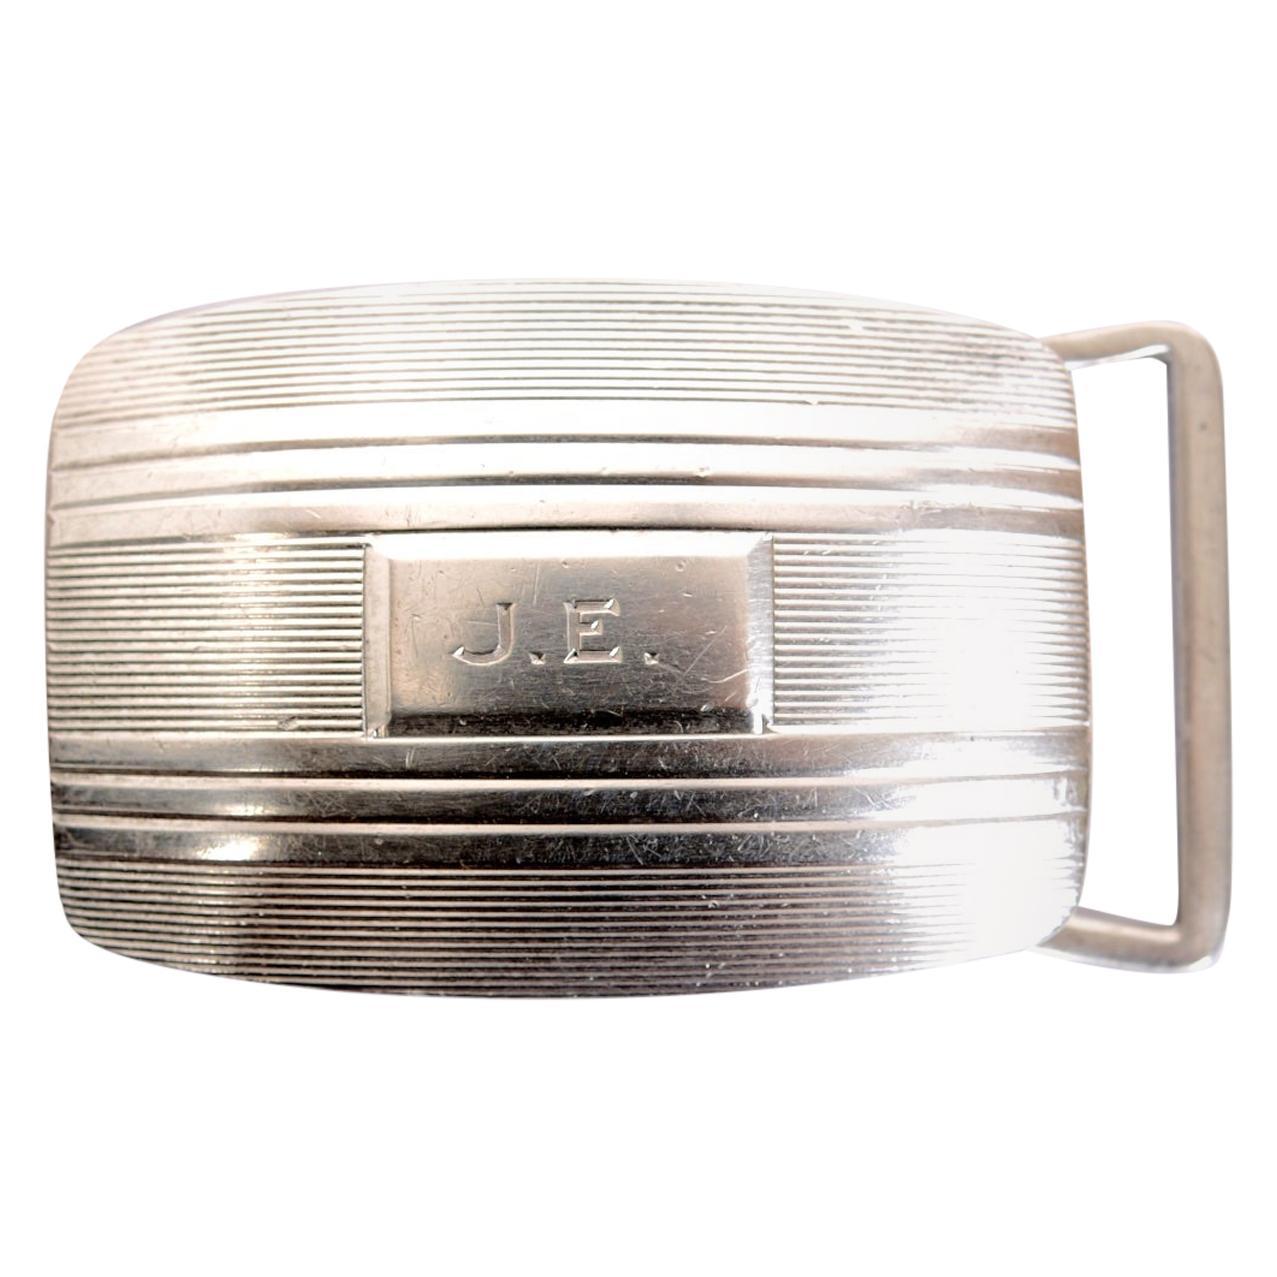 Tiffany& Co. Sterling Silver Belt Buckle